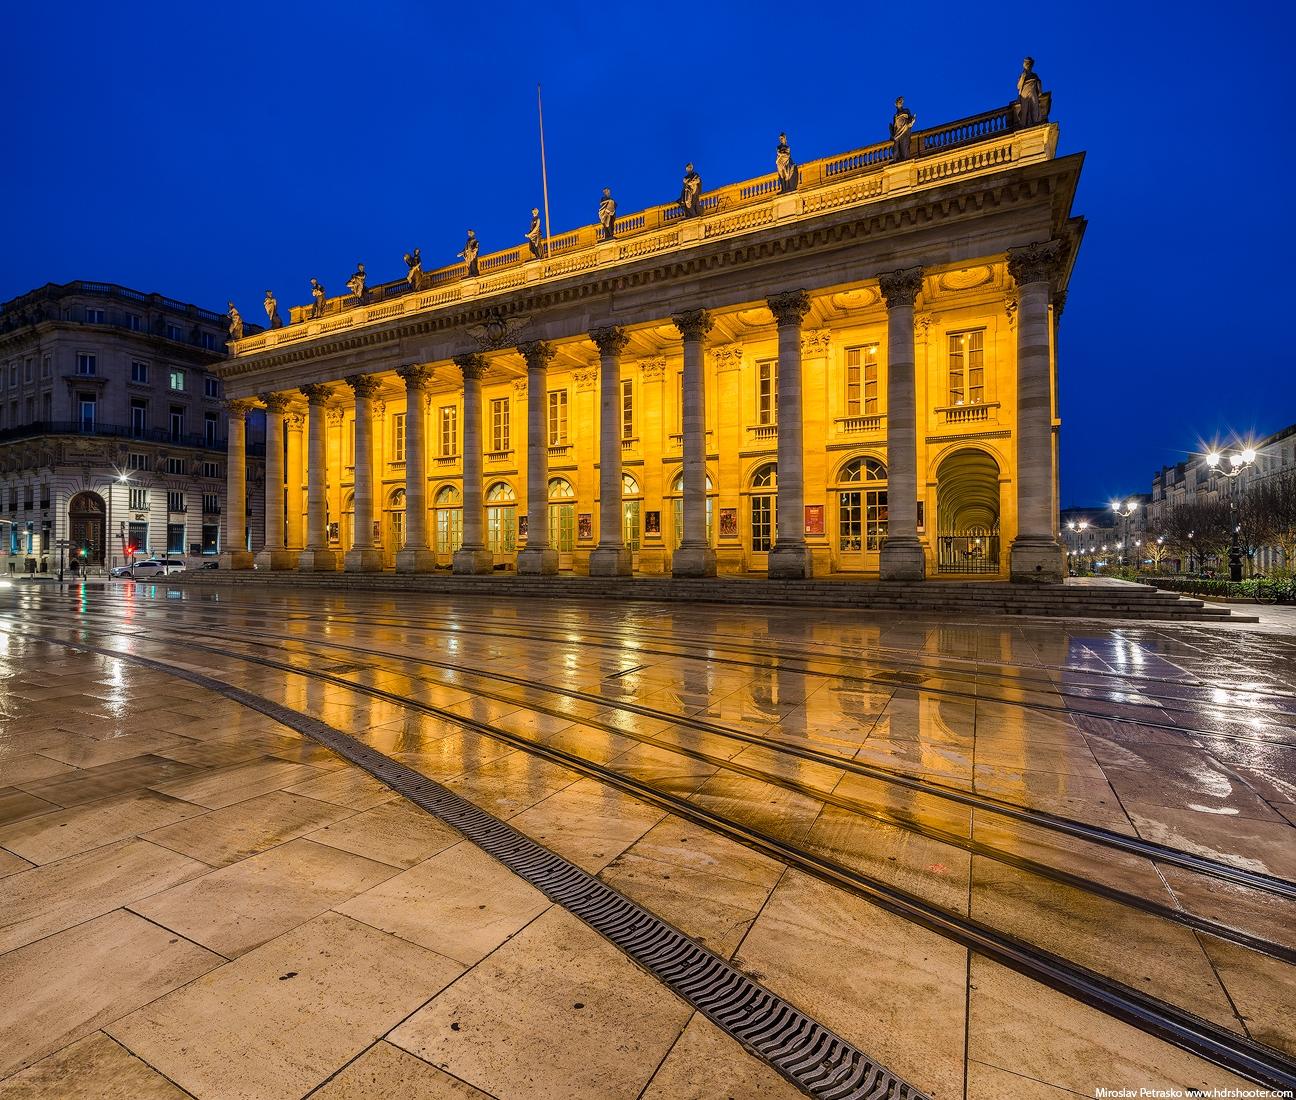 Bordeaux_DSC5689-Pano-web.jpg